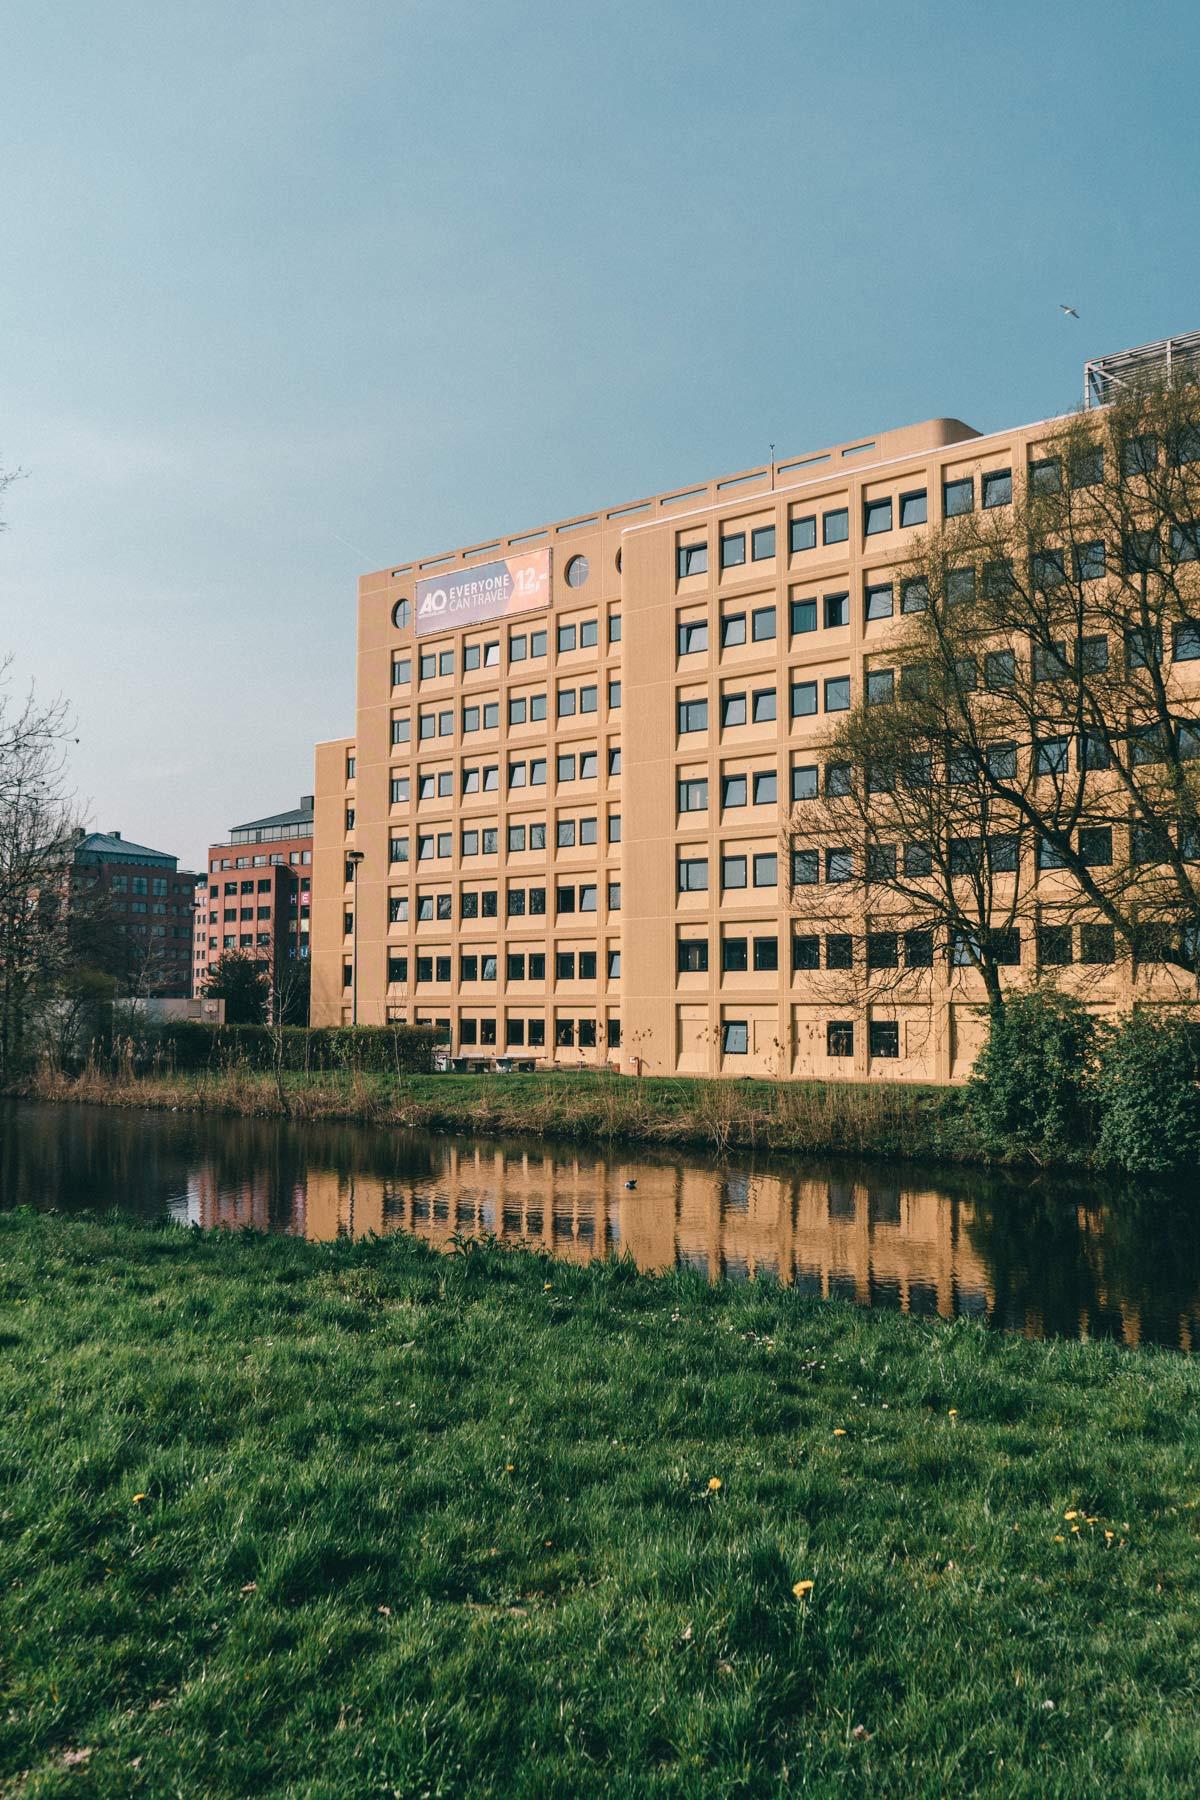 A&O Hostel Amsterdam